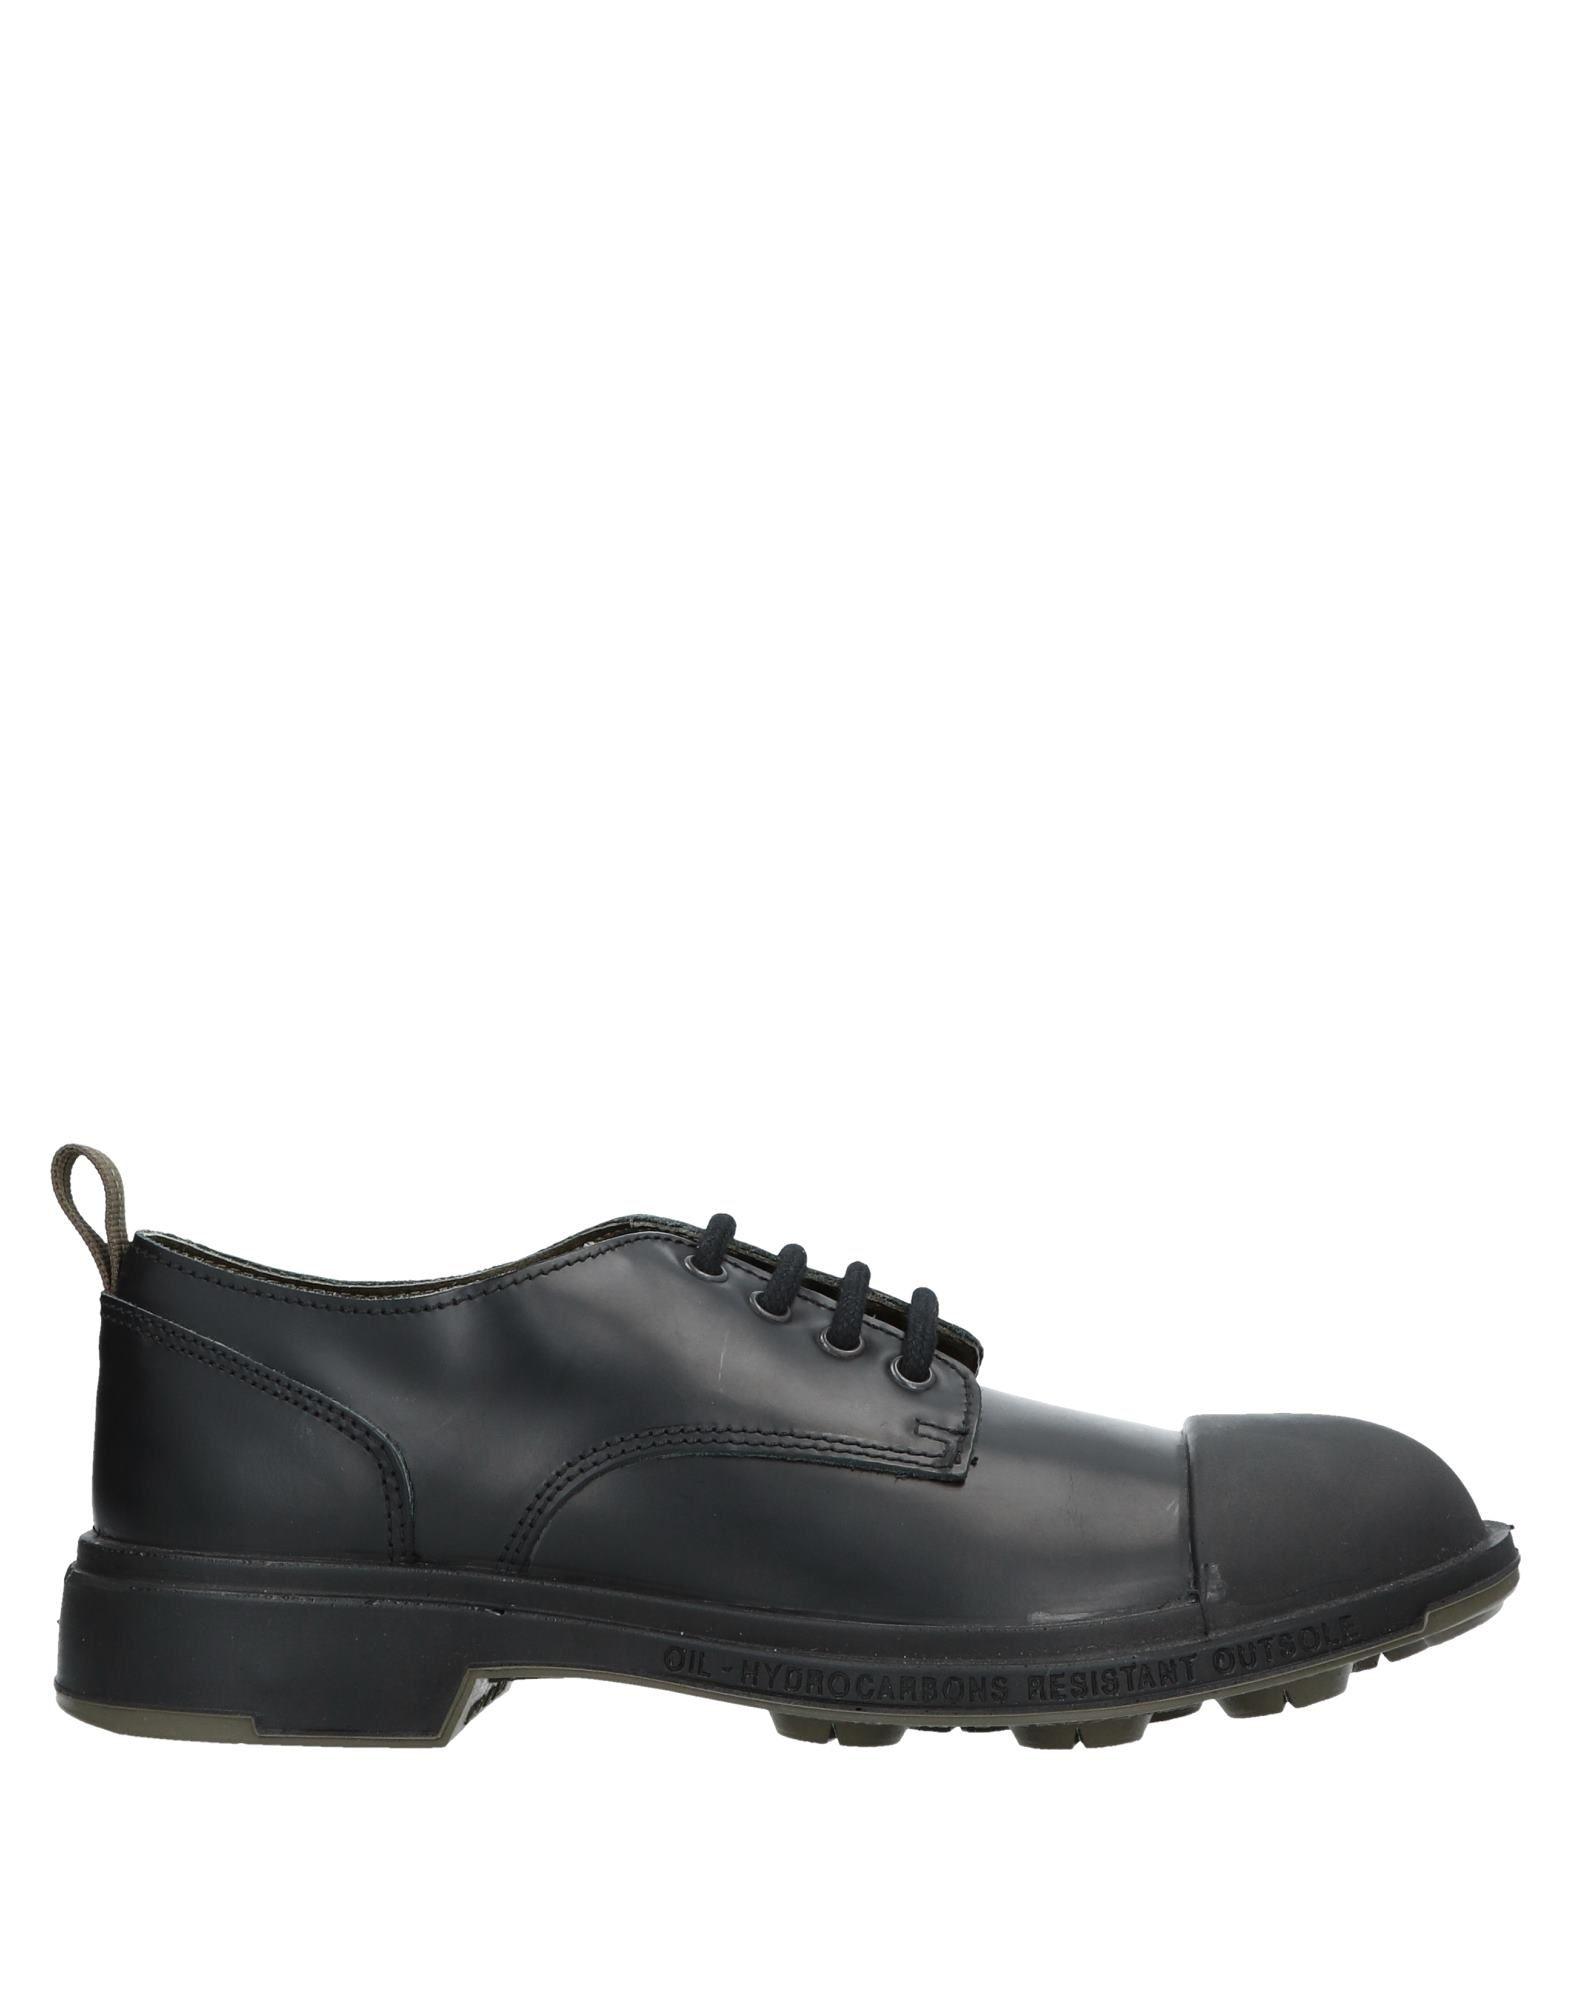 Фото - PEZZOL 1951 Обувь на шнурках pezzol 1951 обувь на шнурках